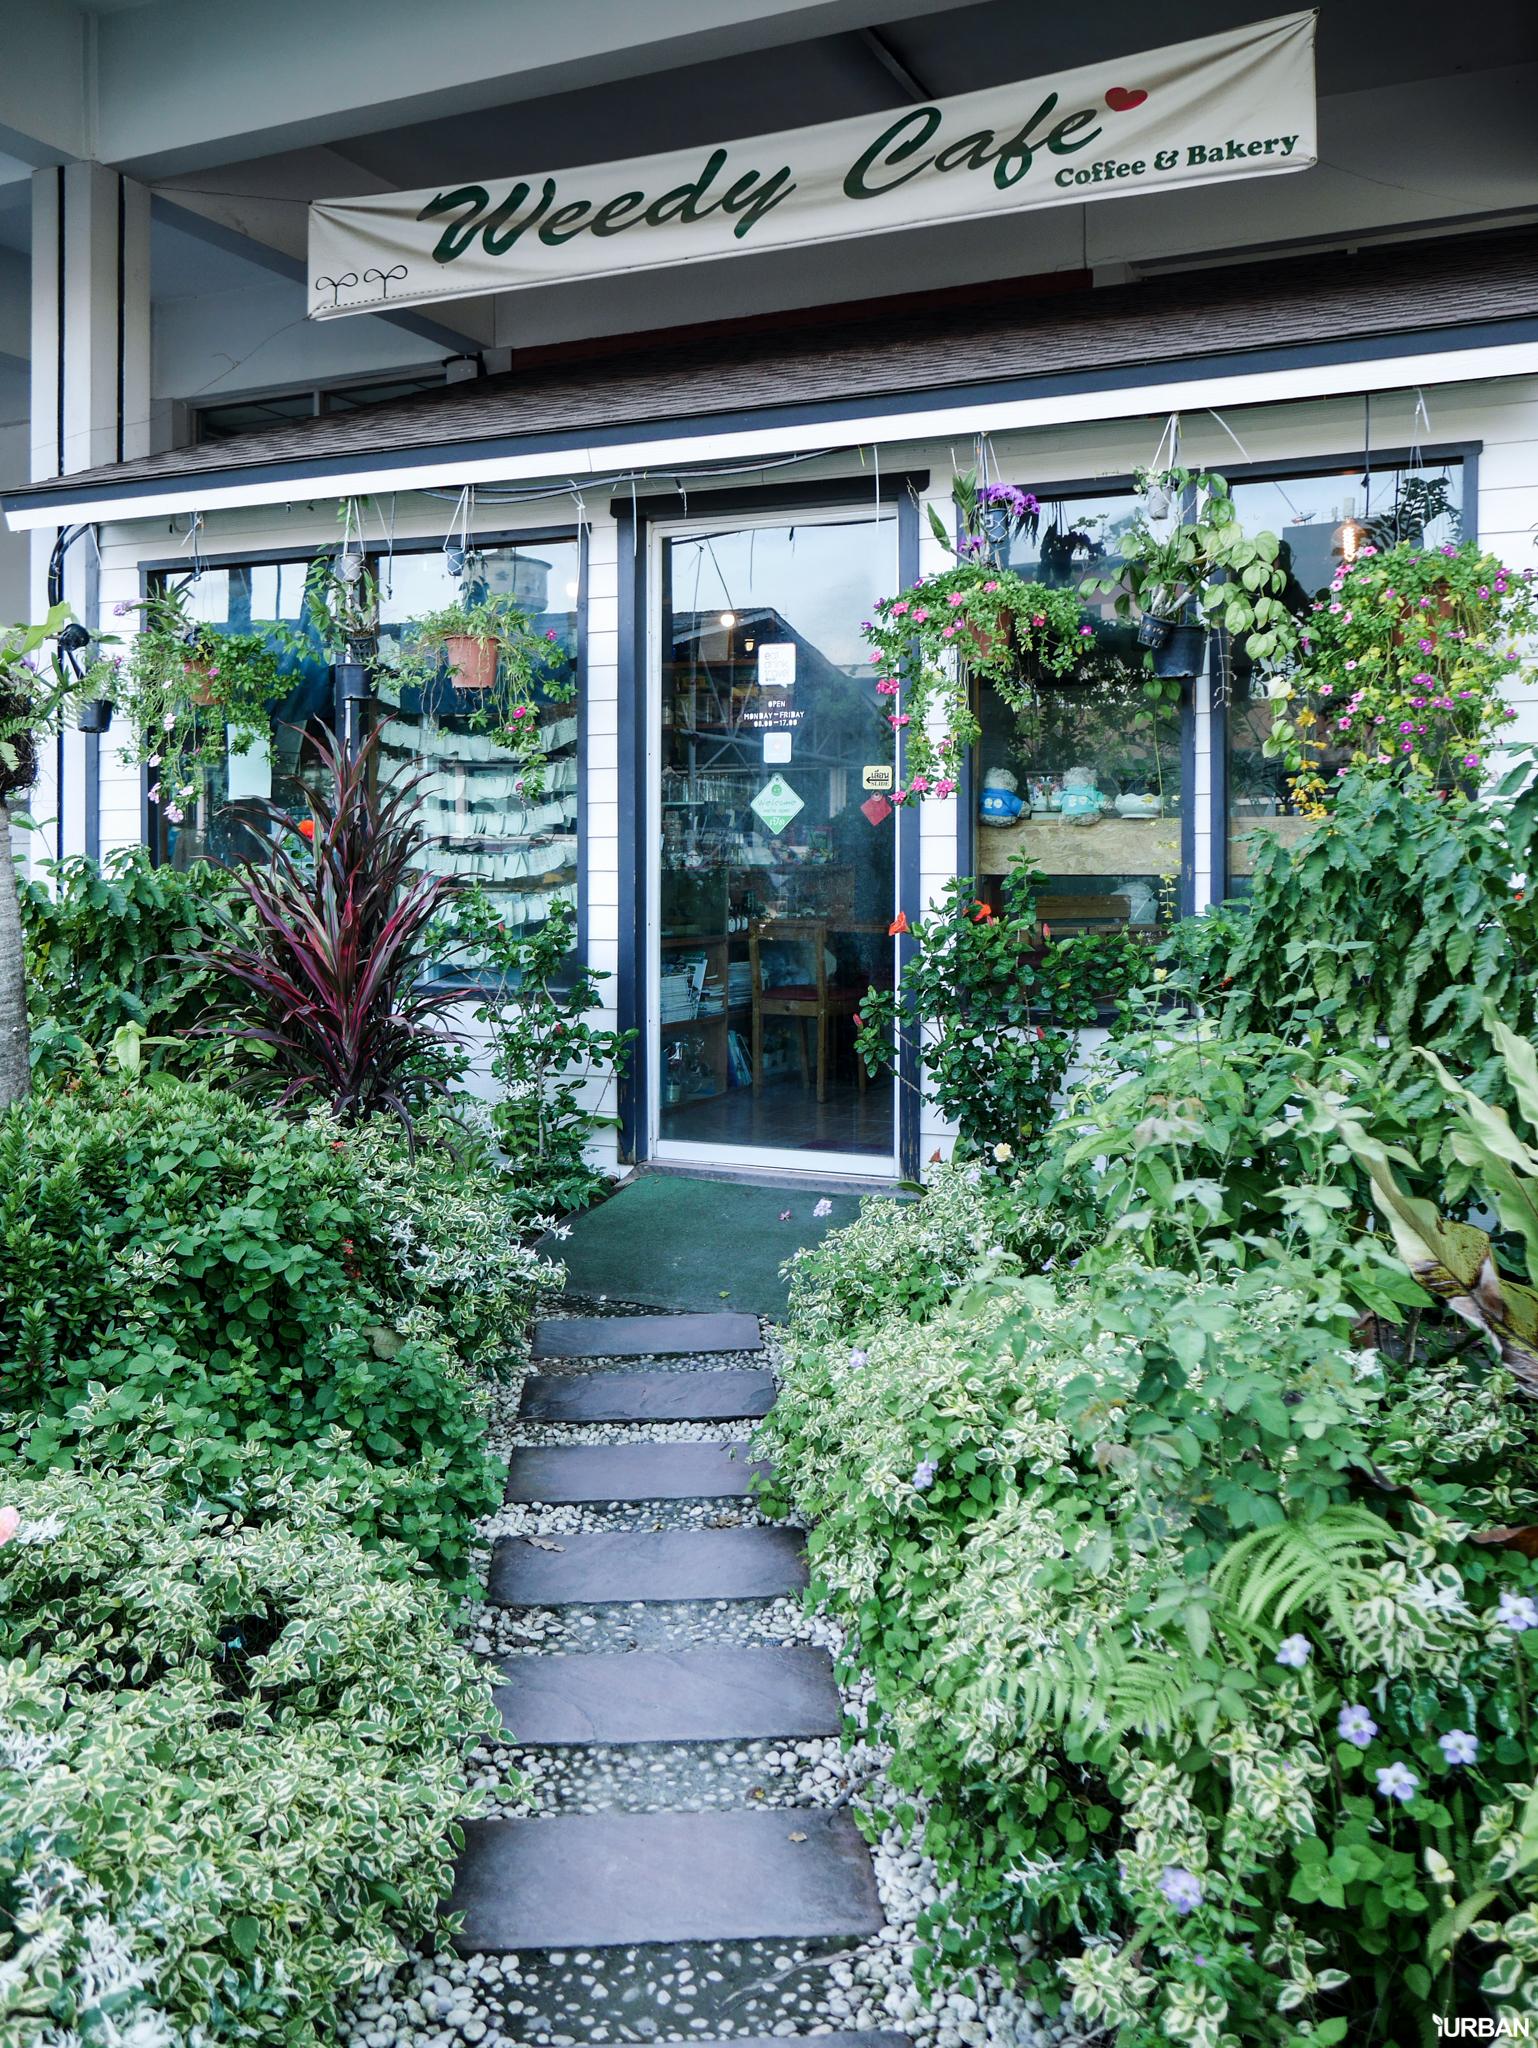 14 ร้านกาแฟ ม.เกษตร คาเฟ่สไตล์นักศึกษาและคนทำงาน + สำรวจ Co-Working Space ที่ KENSINGTON KASET CAMPUS (เคนซิงตัน เกษตร แคมปัส) 82 - cafe